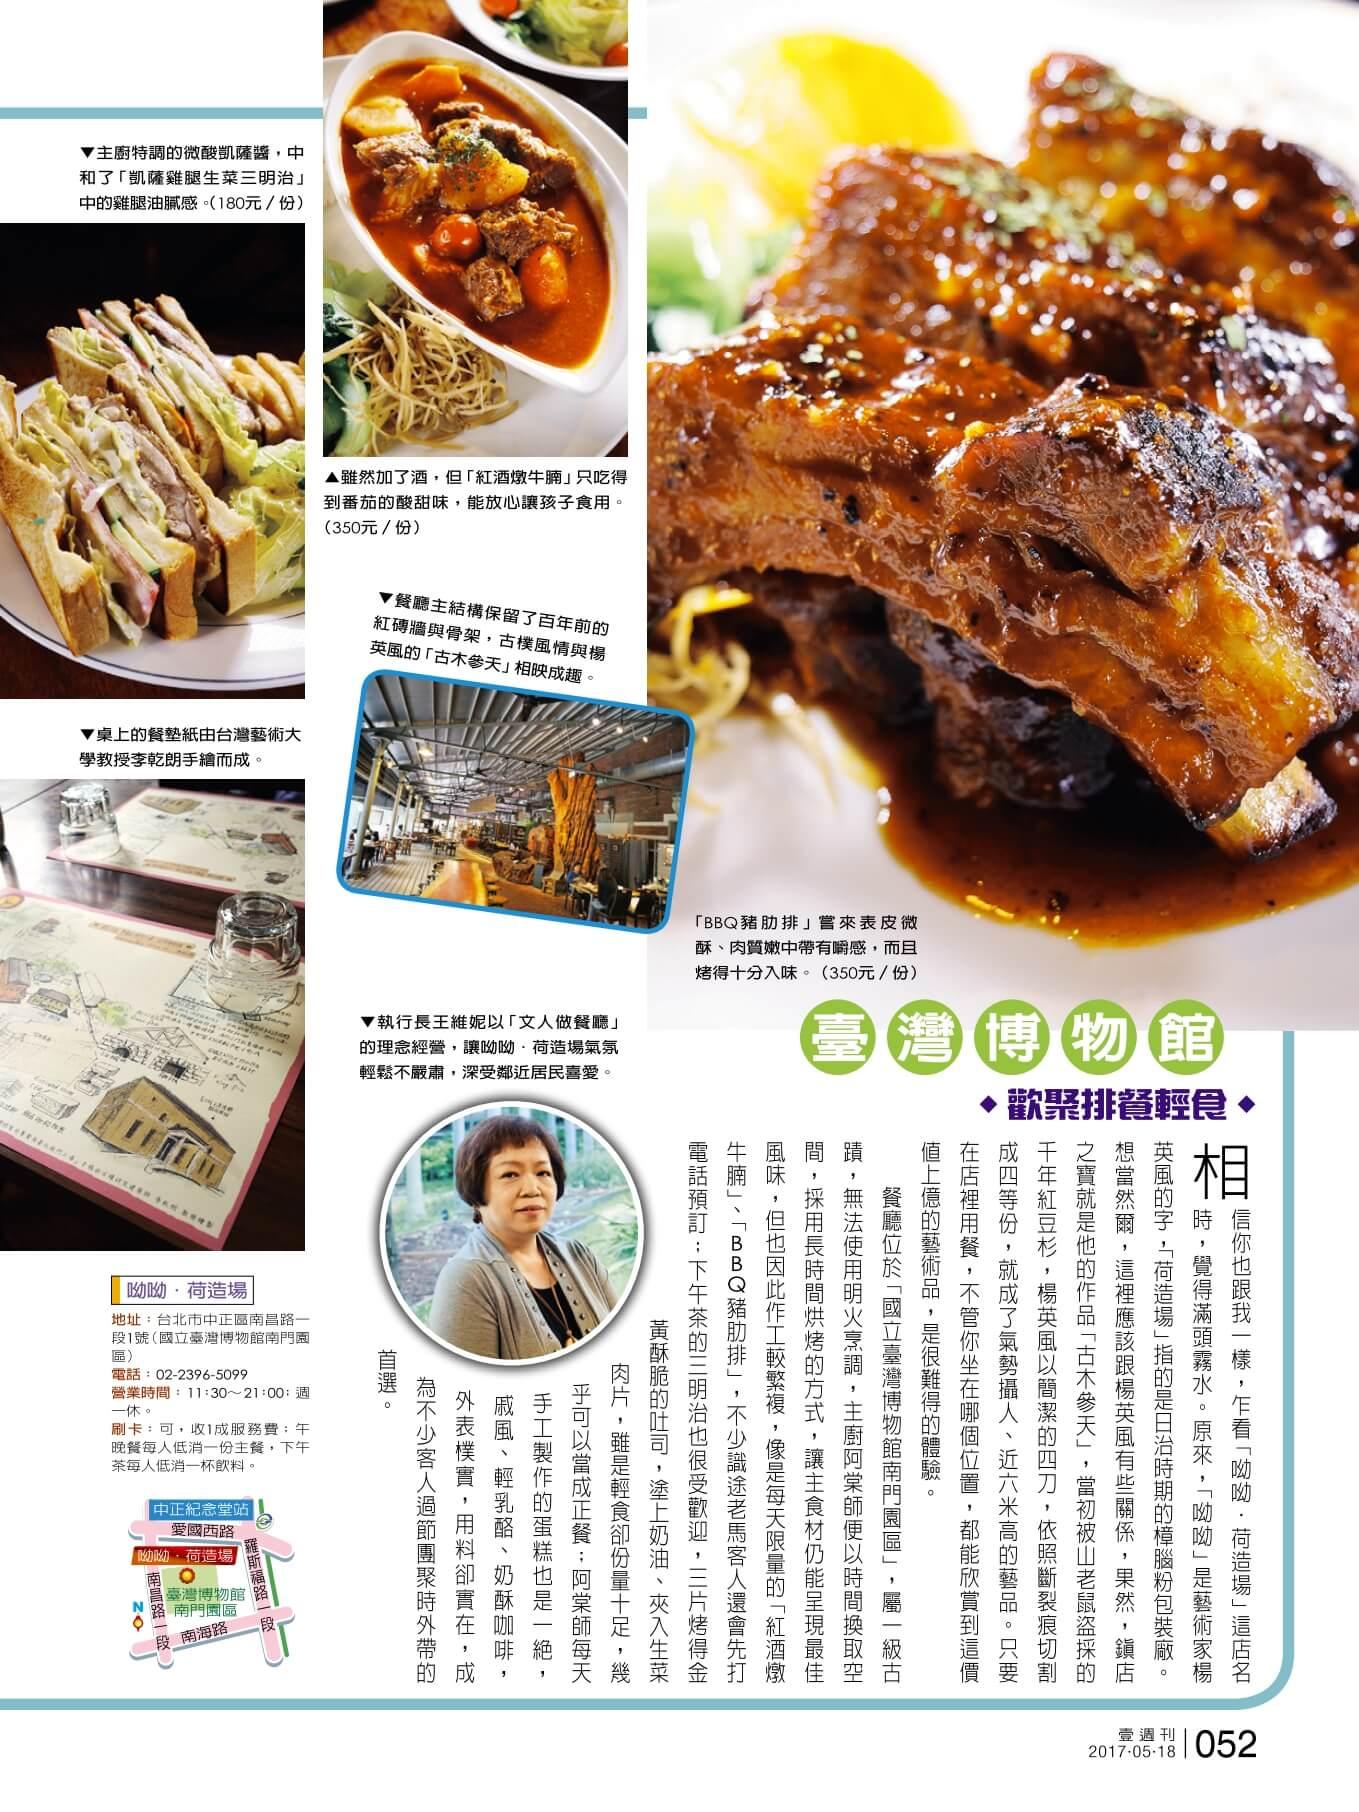 壹週刊834生活娛樂_藝食之選